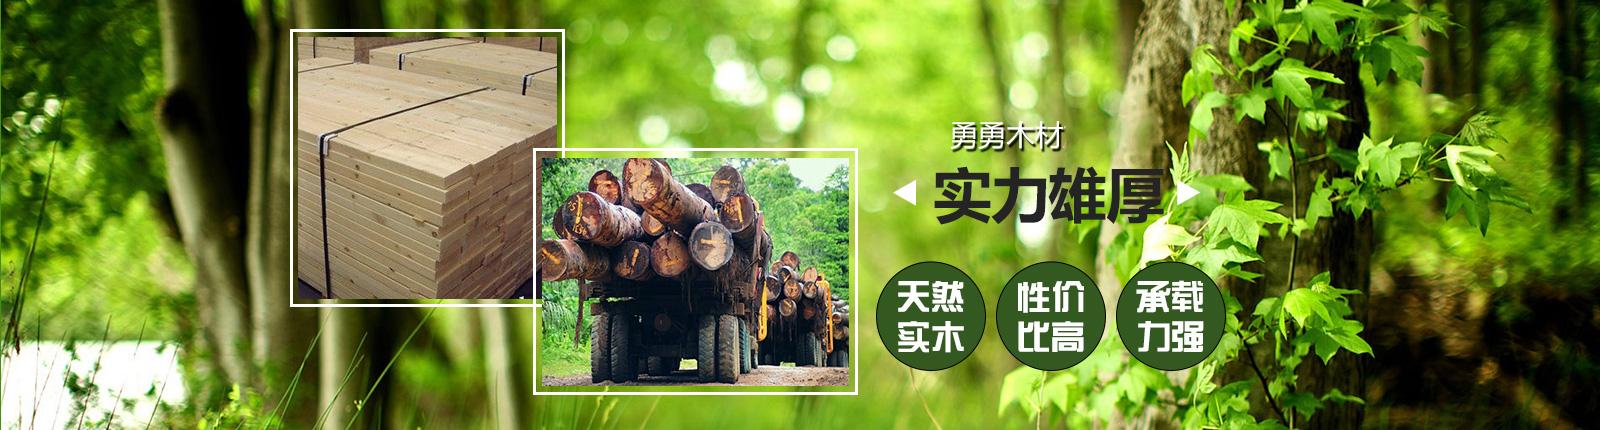 重庆木材批发价格